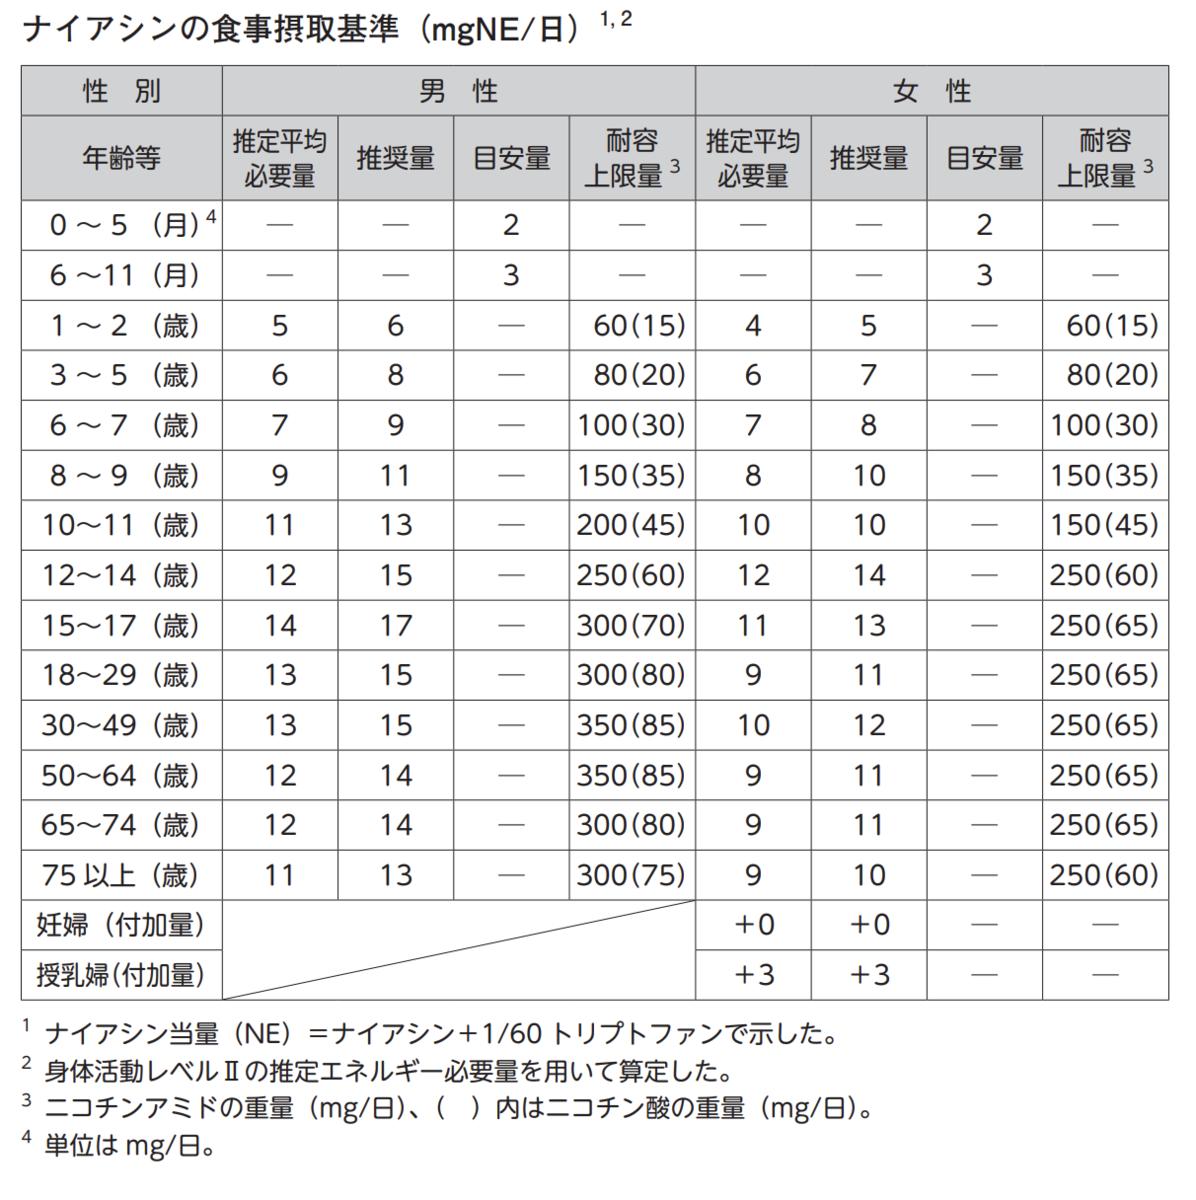 f:id:byebyeoniku:20200608053837p:plain